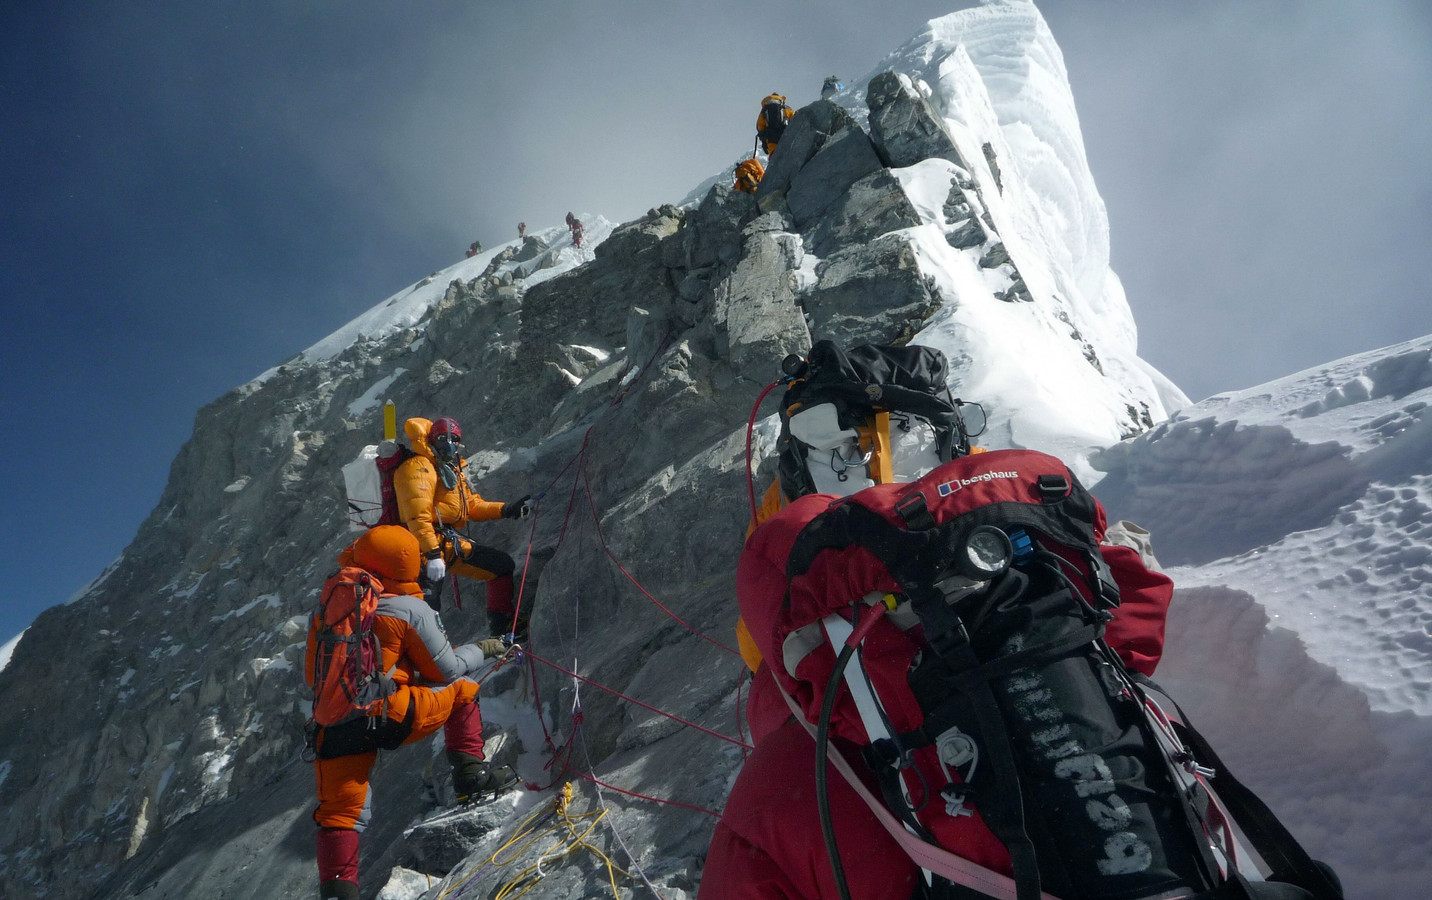 378 klimmers kreeg dit jaar een vergunning om de hellingen van Mount Everest te bedwingen.